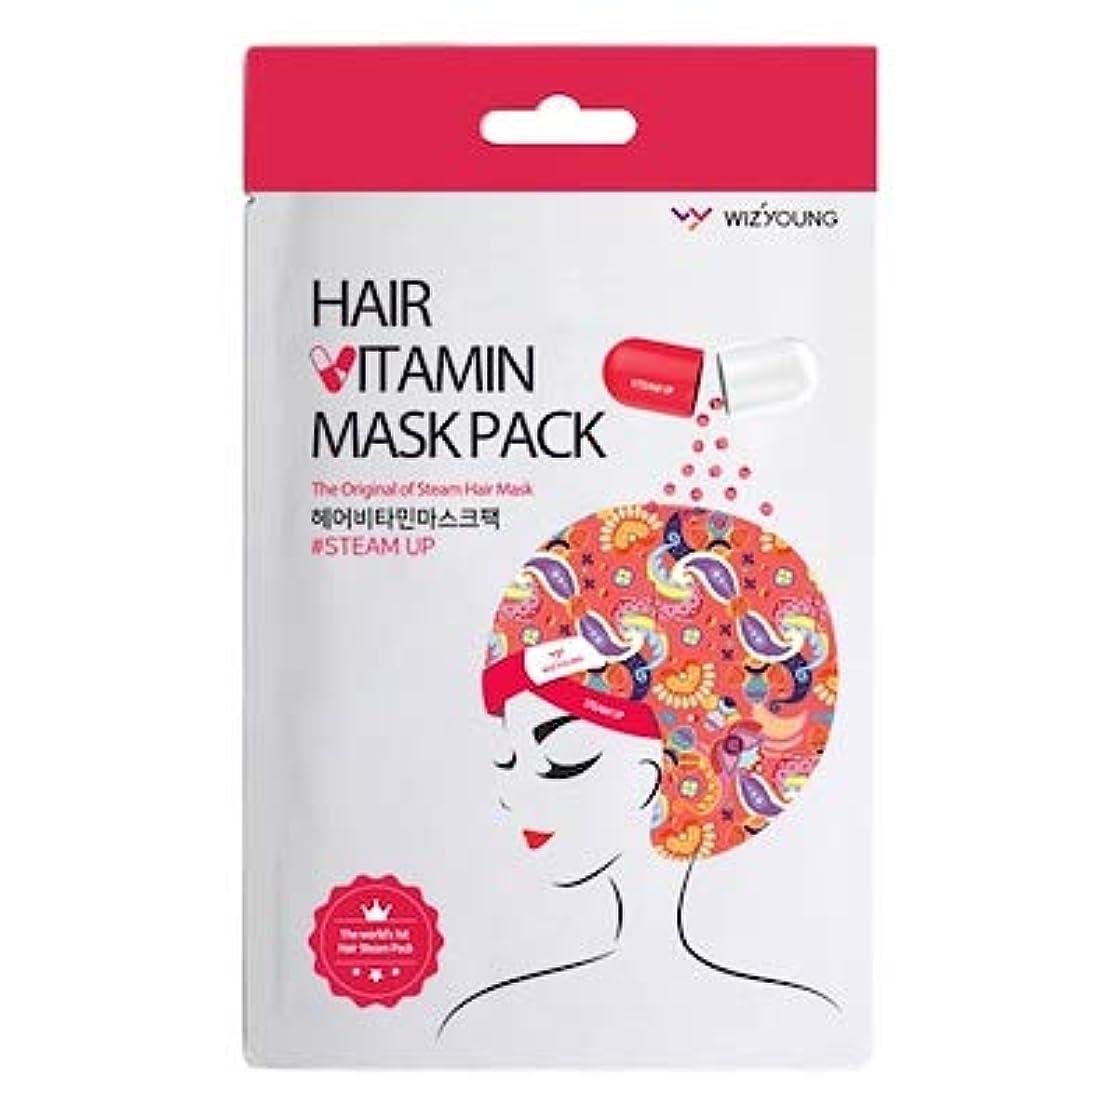 構想する葉を拾う耐久ヘアビタミンマスクパック スチームアップ HAIR VITAMIN MASK PACK STEAM UP